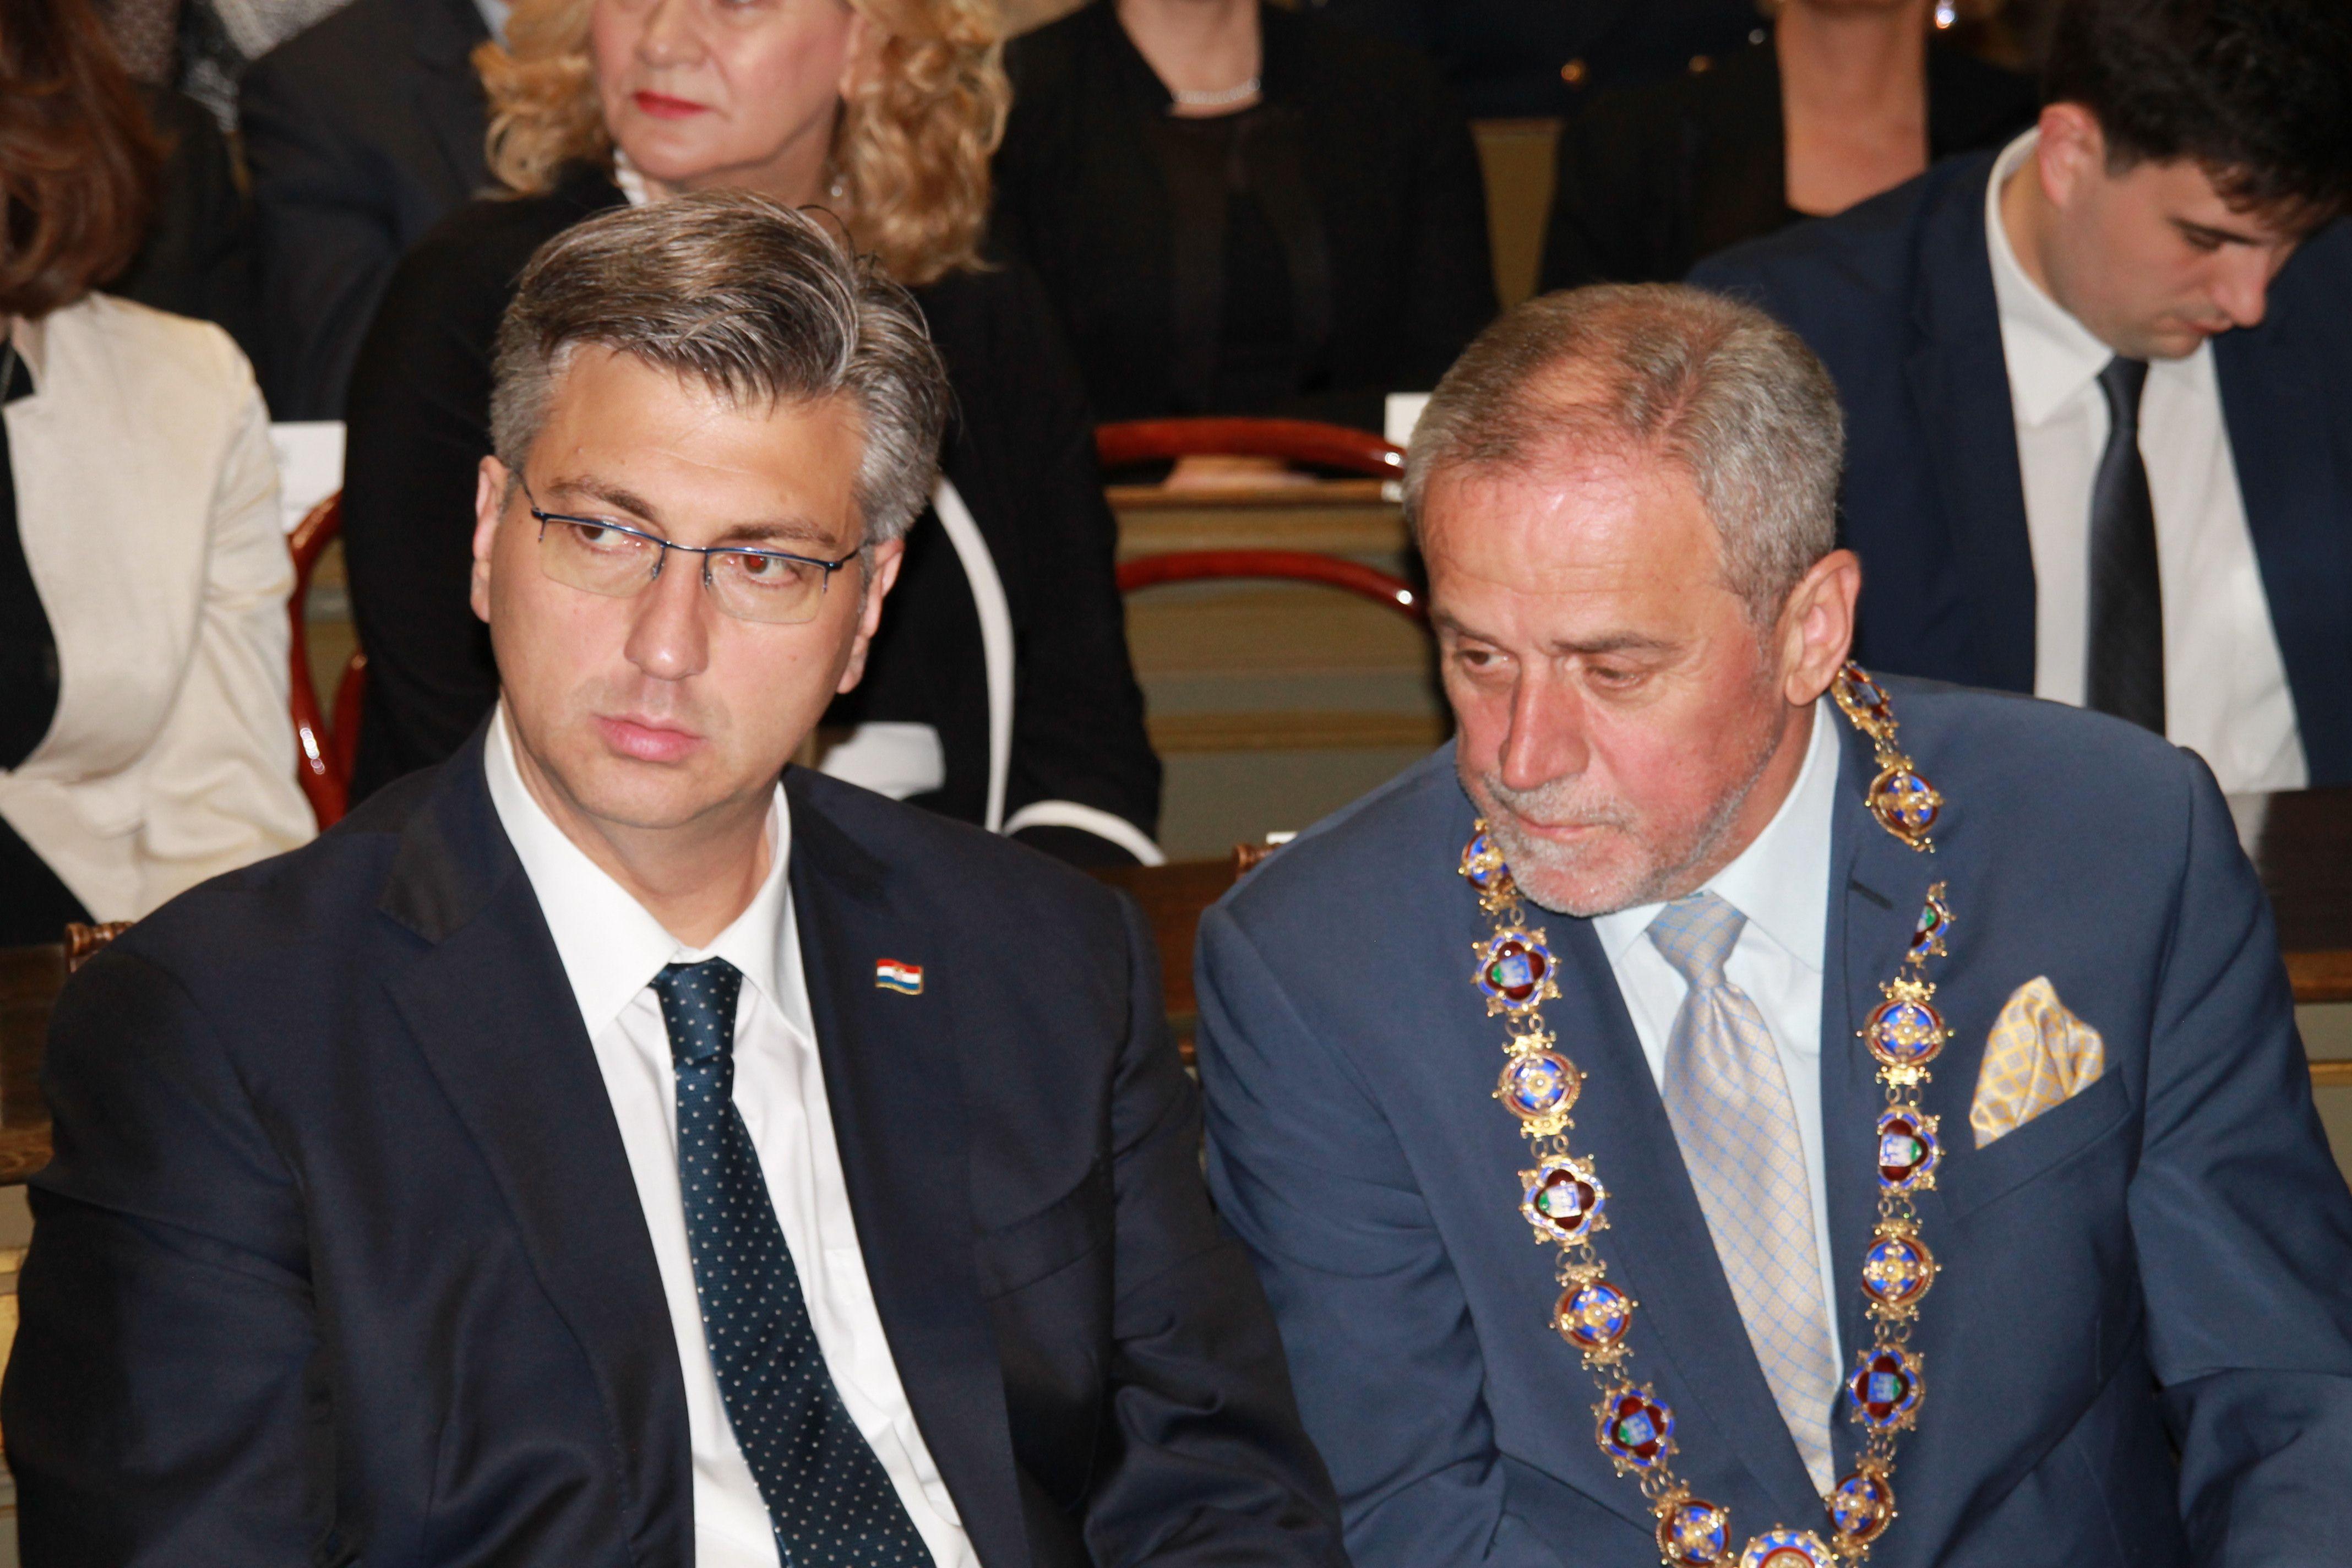 Bandić zaprijetio Plenkoviću: Većina u Saboru imat će podršku dok god budemo partnerski surađivali